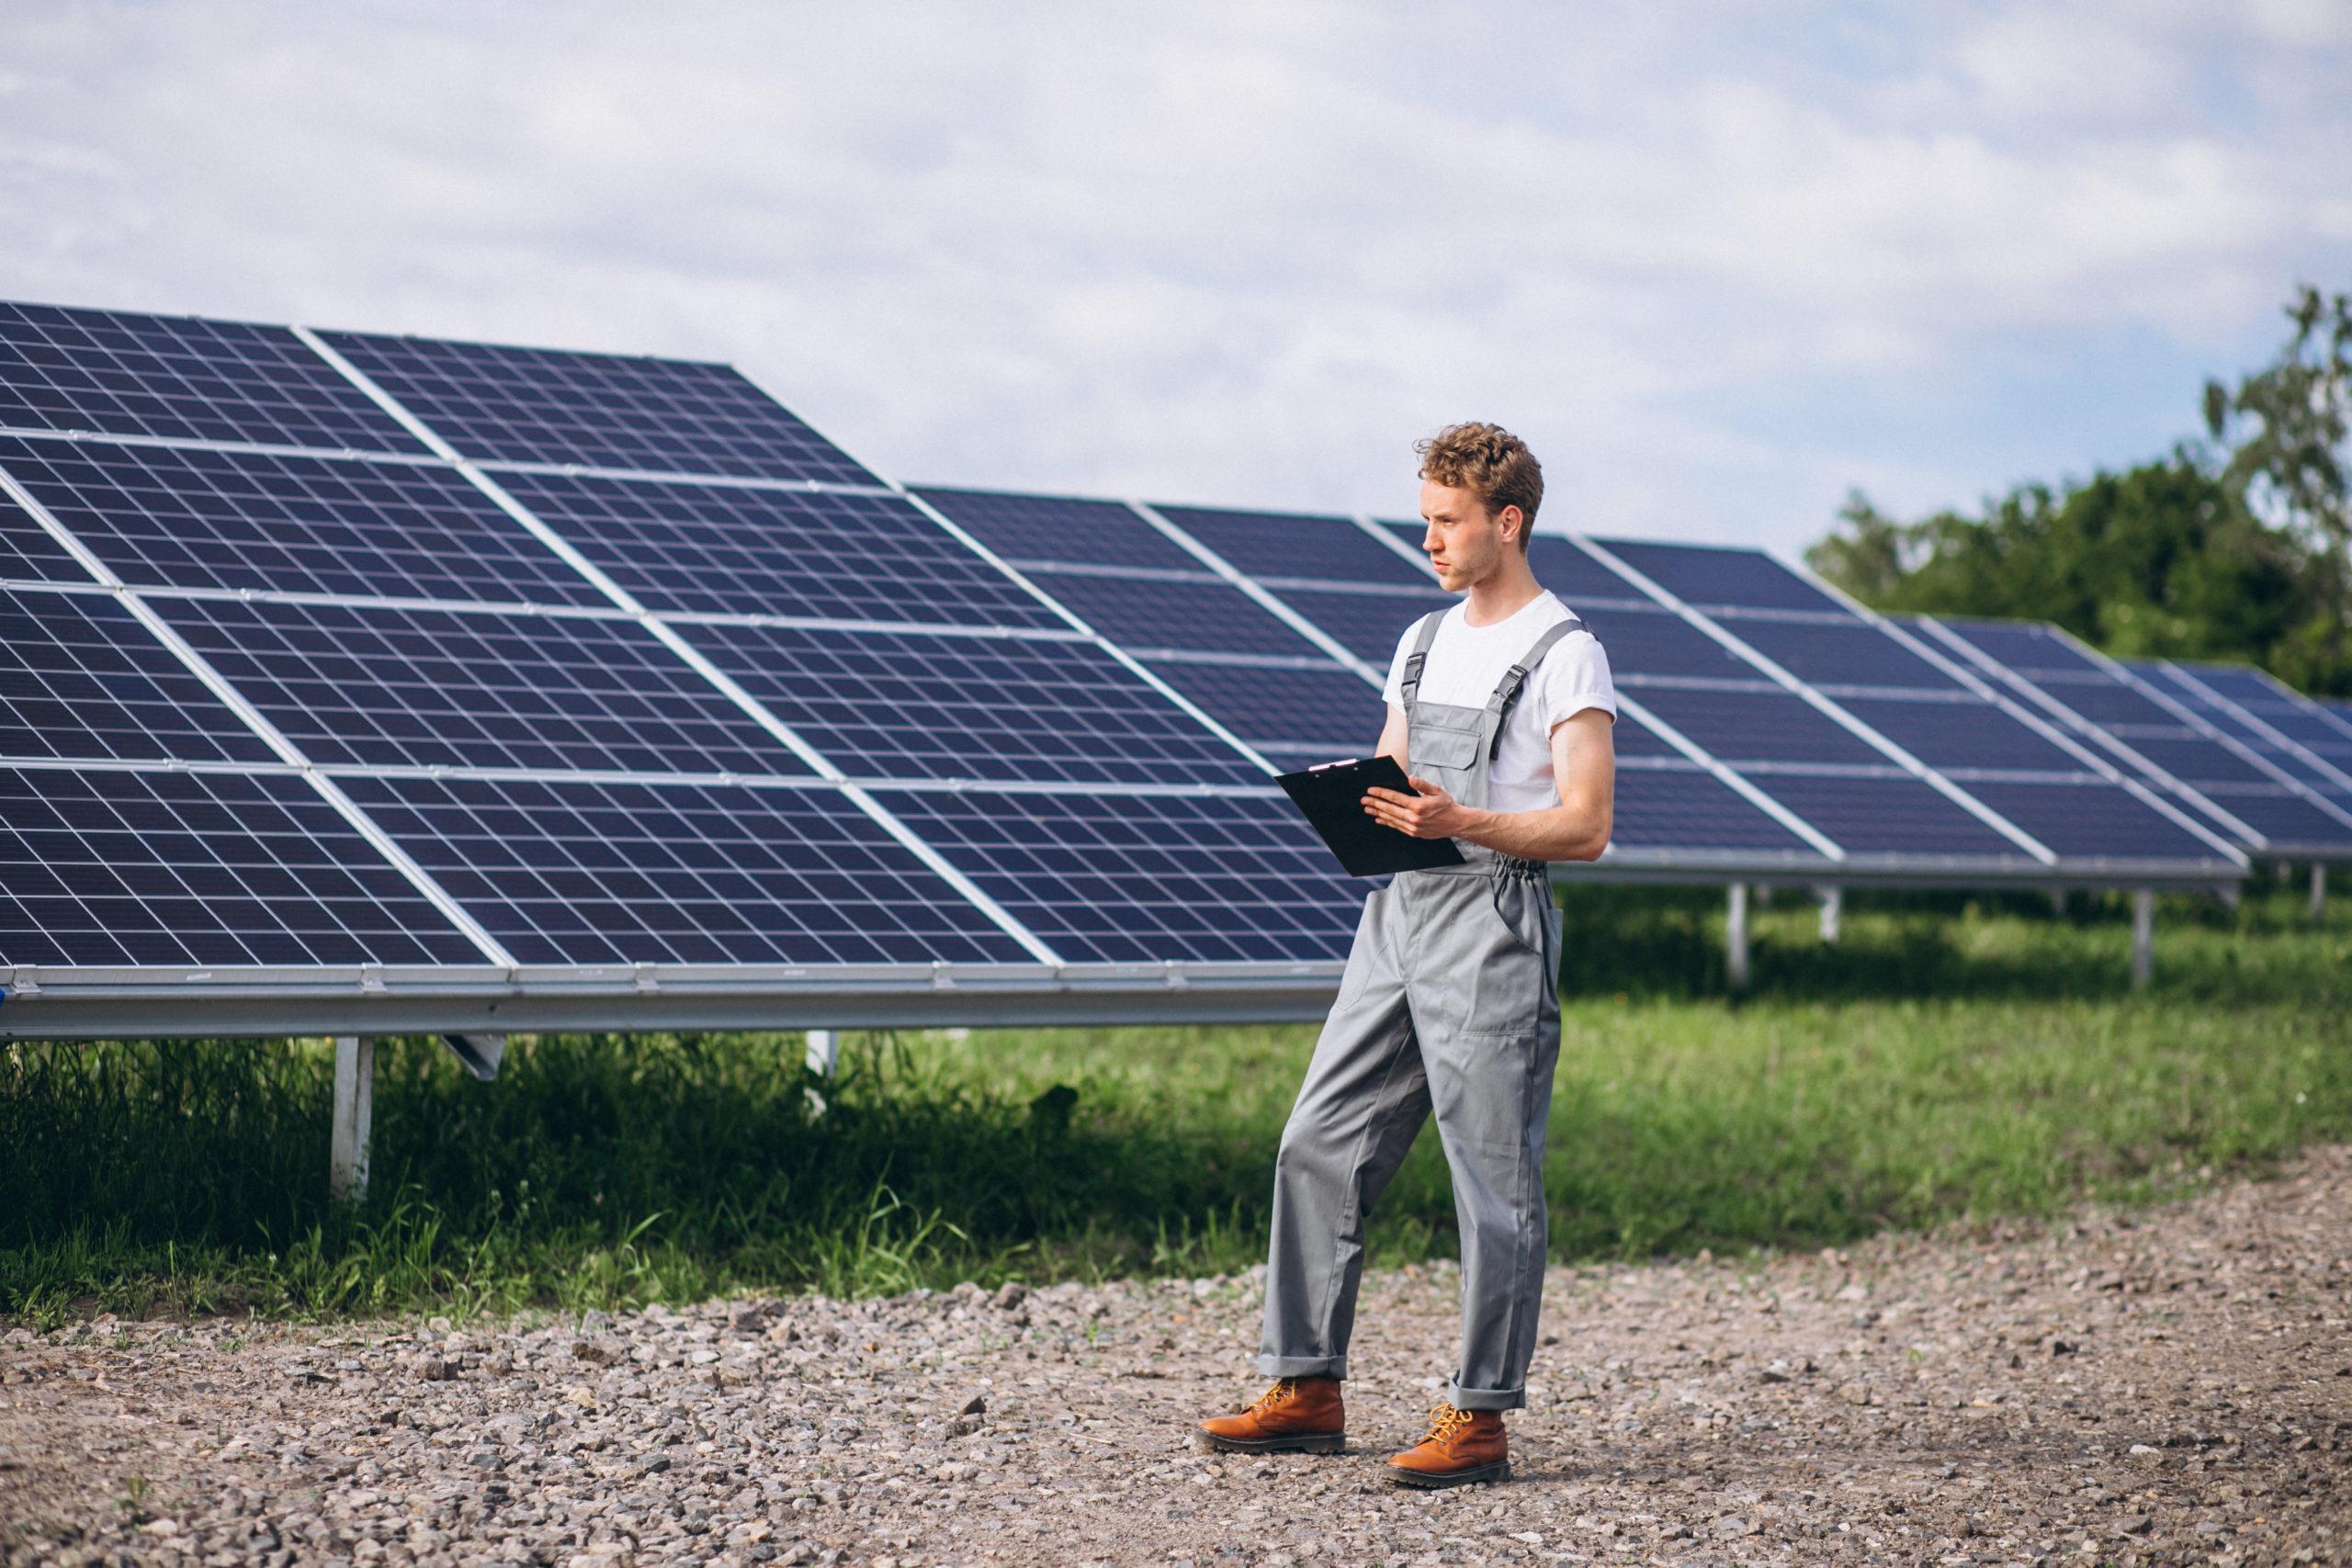 Especialista esclarece dúvidas sobre energia solar